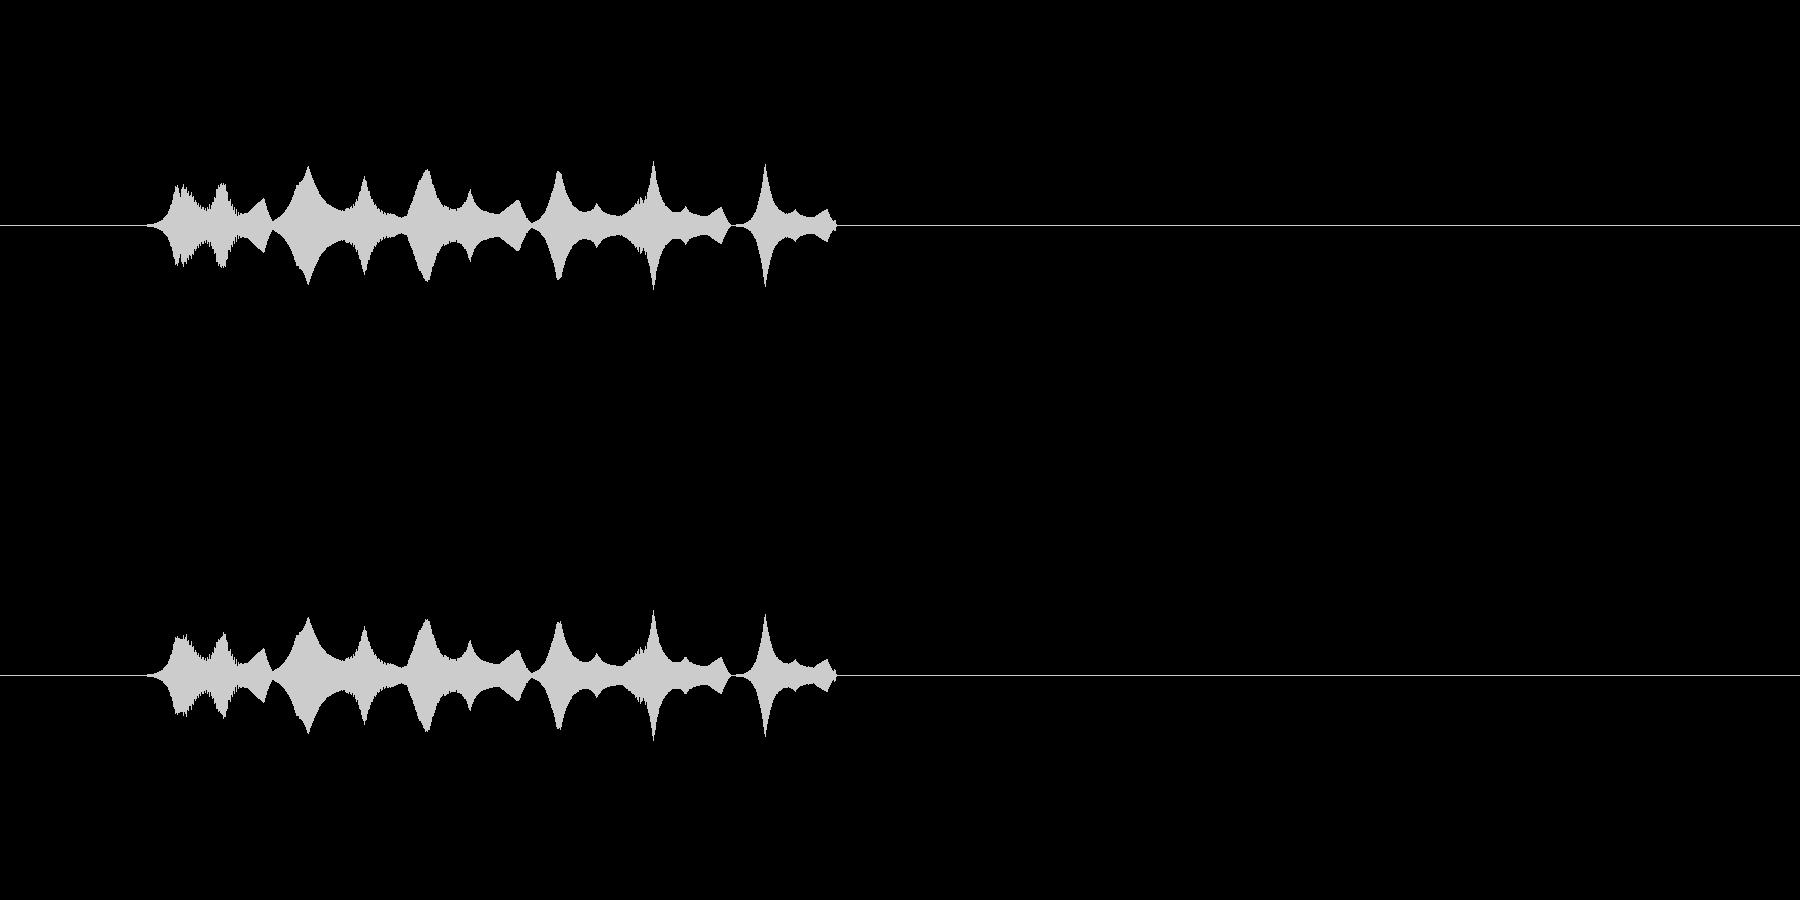 【ポップモーション34-1】の未再生の波形